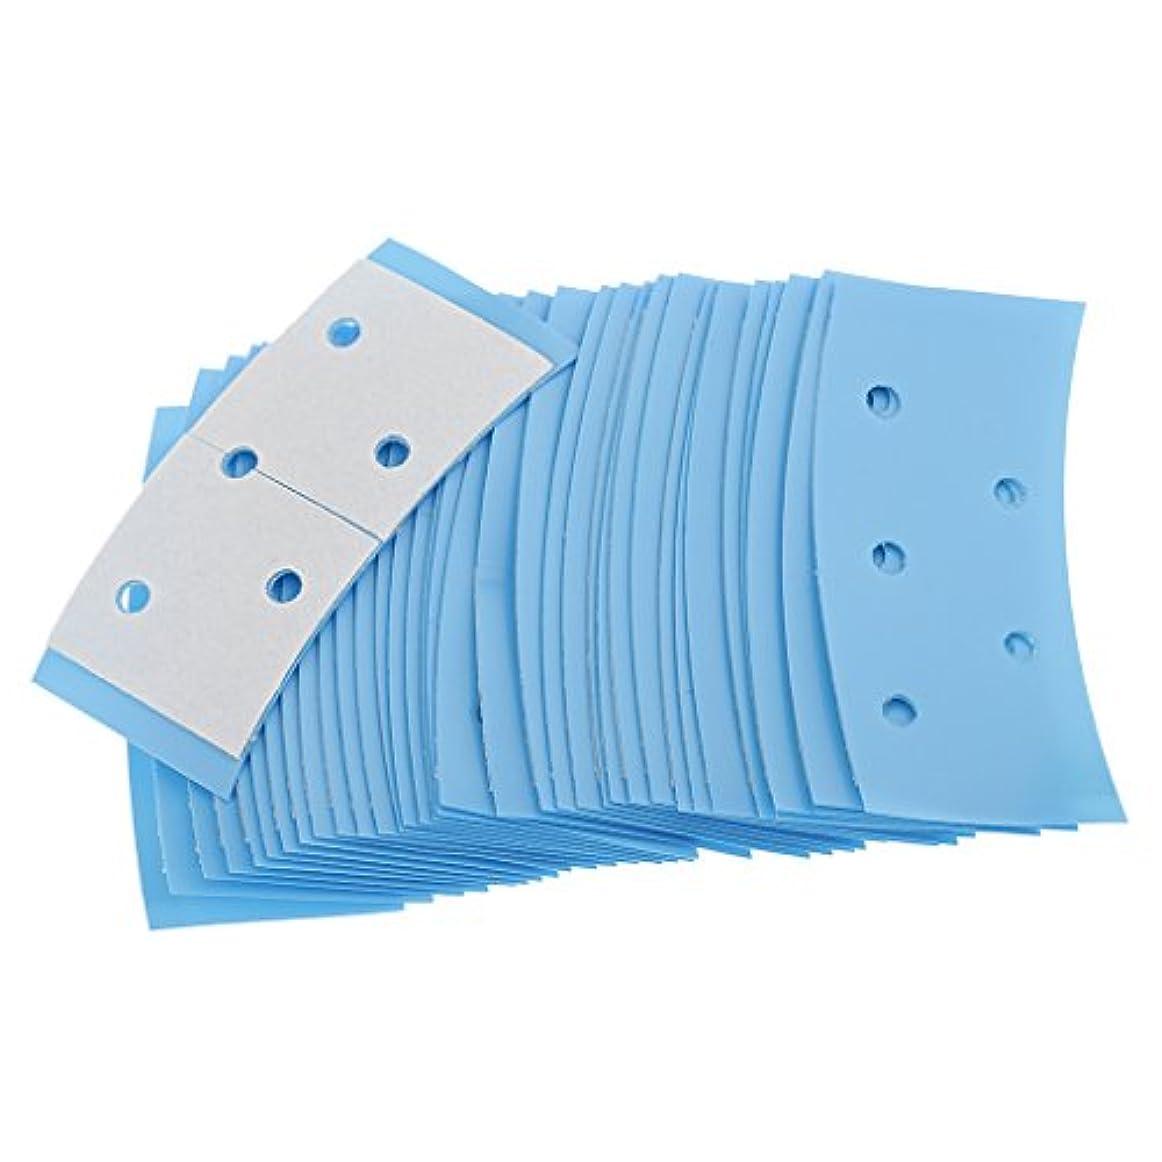 谷仲介者ベッドを作る両面接着テープ ヘアシステムテープ ダブルサイド かつら用 超強力持ち 約36枚